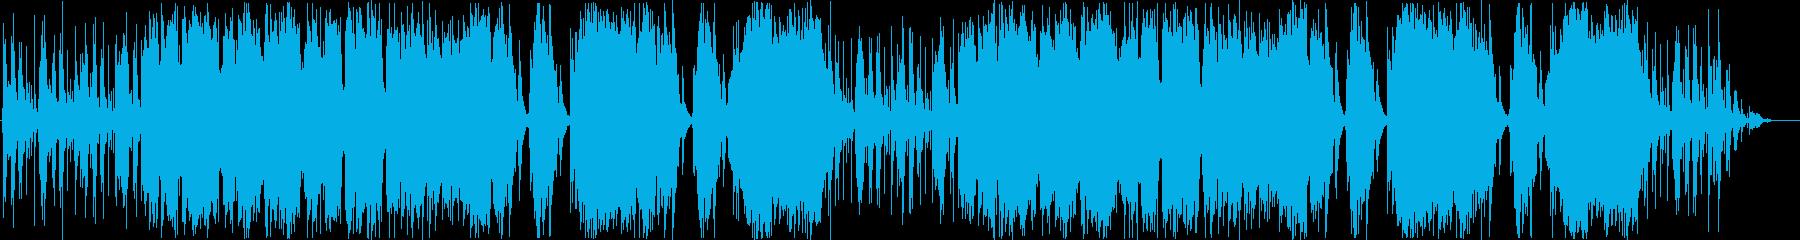 情緒ある街並のループオーケストラの再生済みの波形